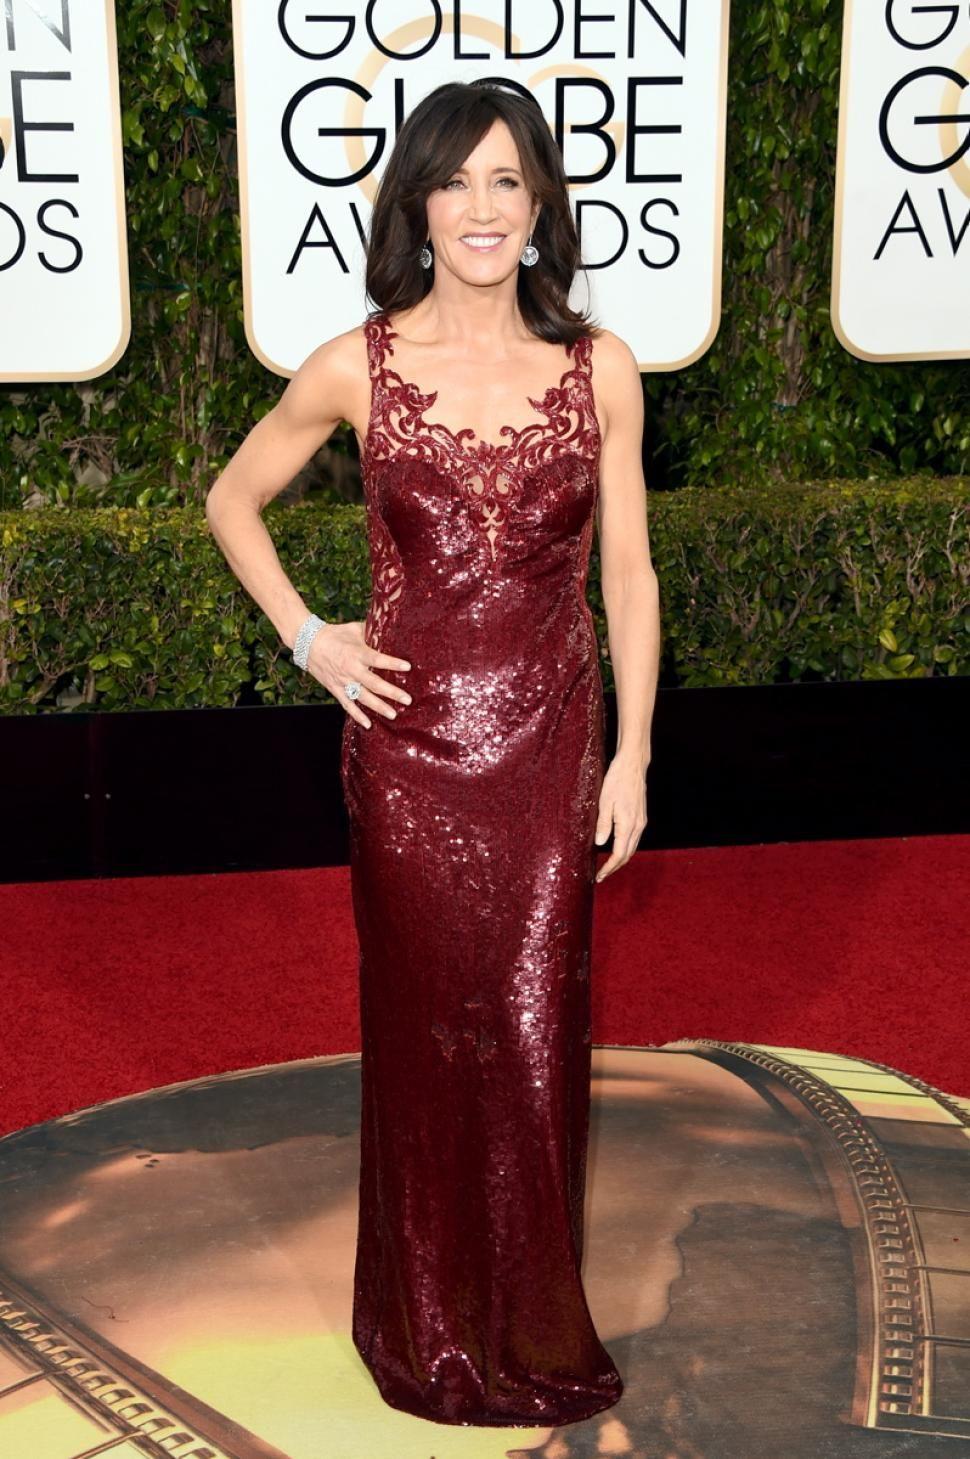 Atriz Felicity Huffman atende às 73rd Annual Golden Globe Awards realizada no Beverly Hilton Hotel em 10 de janeiro de 2016 em Beverly Hills, Califórnia.